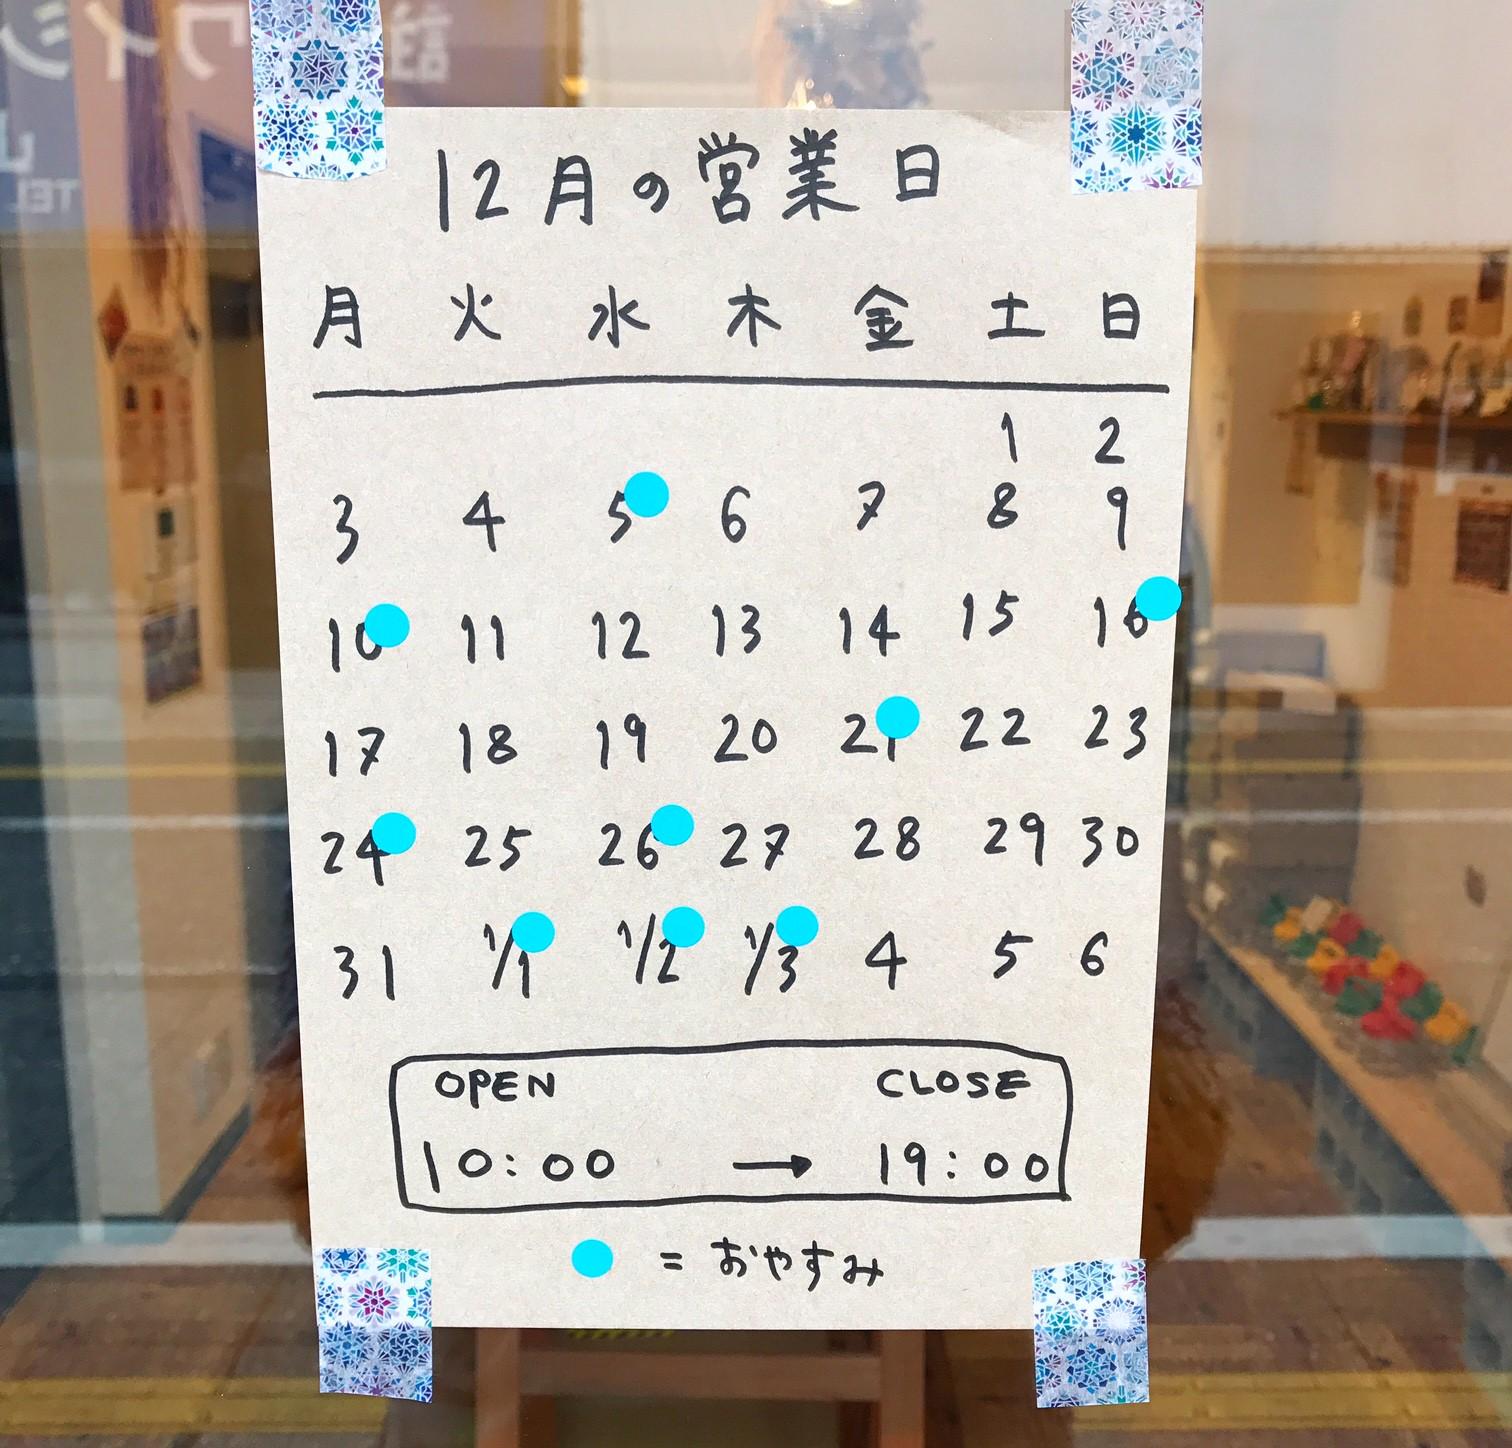 2018年12月 松陰神社前店カレンダー